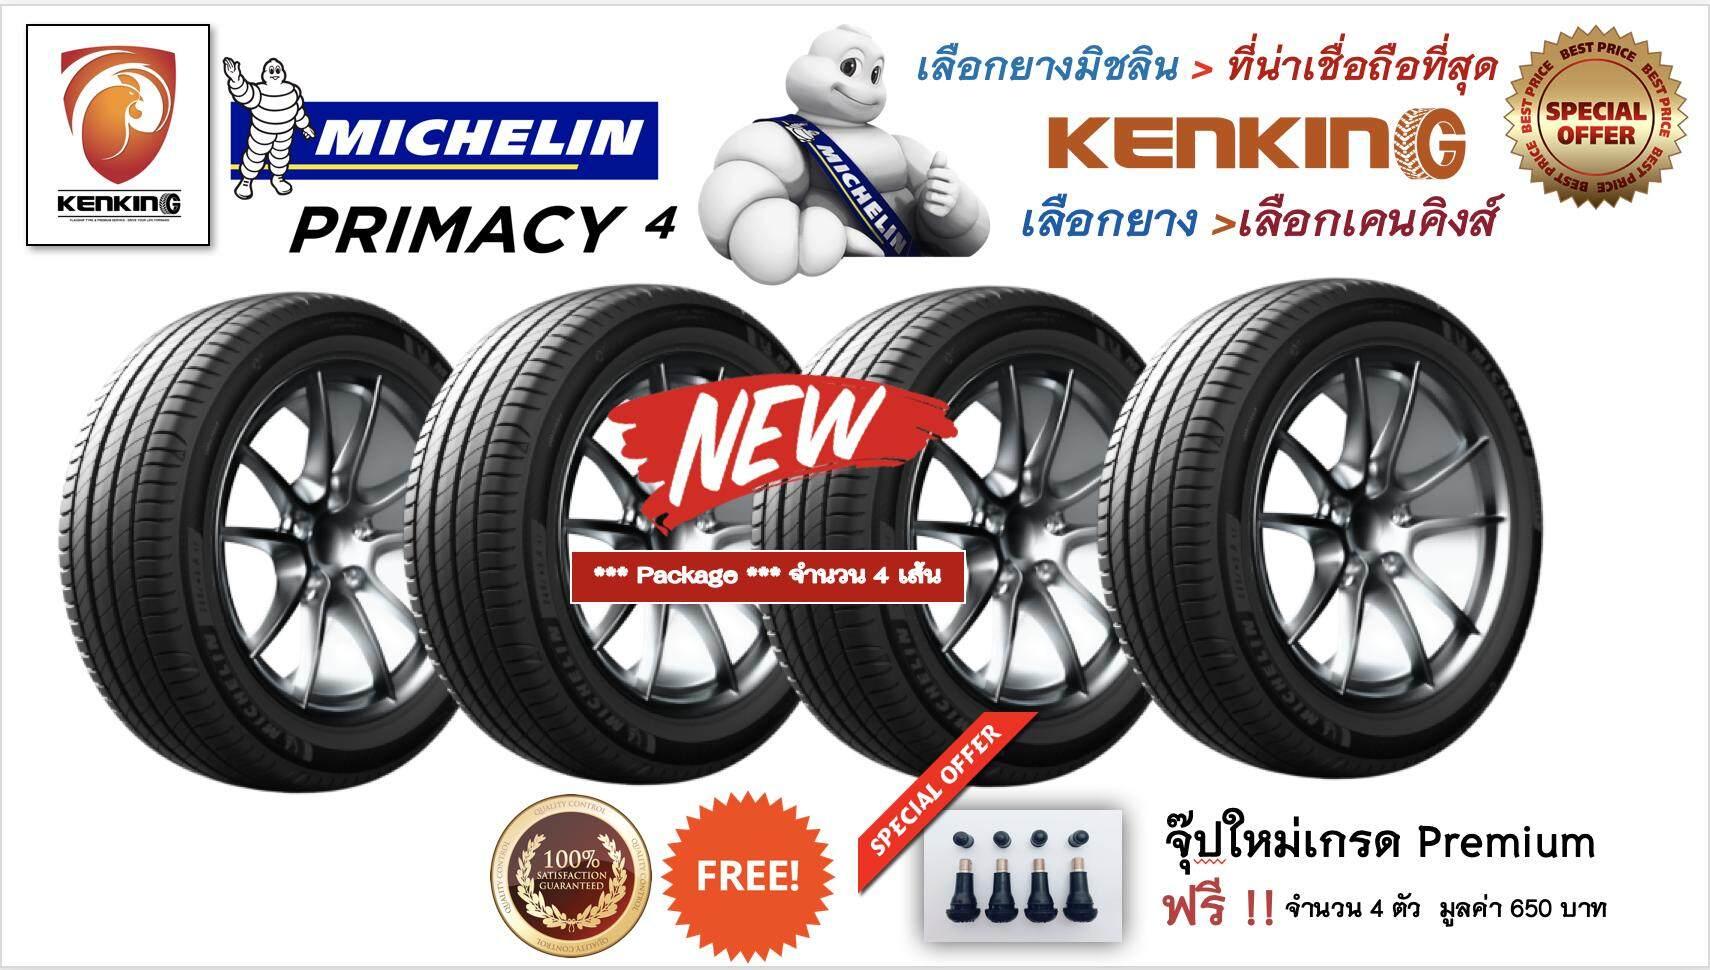 ประกันภัย รถยนต์ แบบ ผ่อน ได้ สงขลา ยางรถยนต์ Michelin NEW   ปี 2019 215/45 R17 Primacy 4 จำนวน 4 เส้น  ฟรี   จุ๊ป Premium 650 บาท